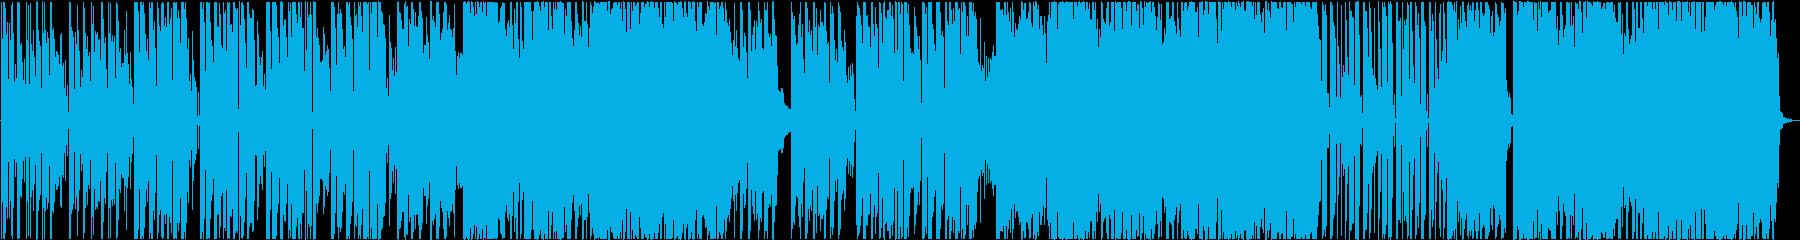 ピコピコカワイイ3分間、カワボで『ねぇ』の再生済みの波形